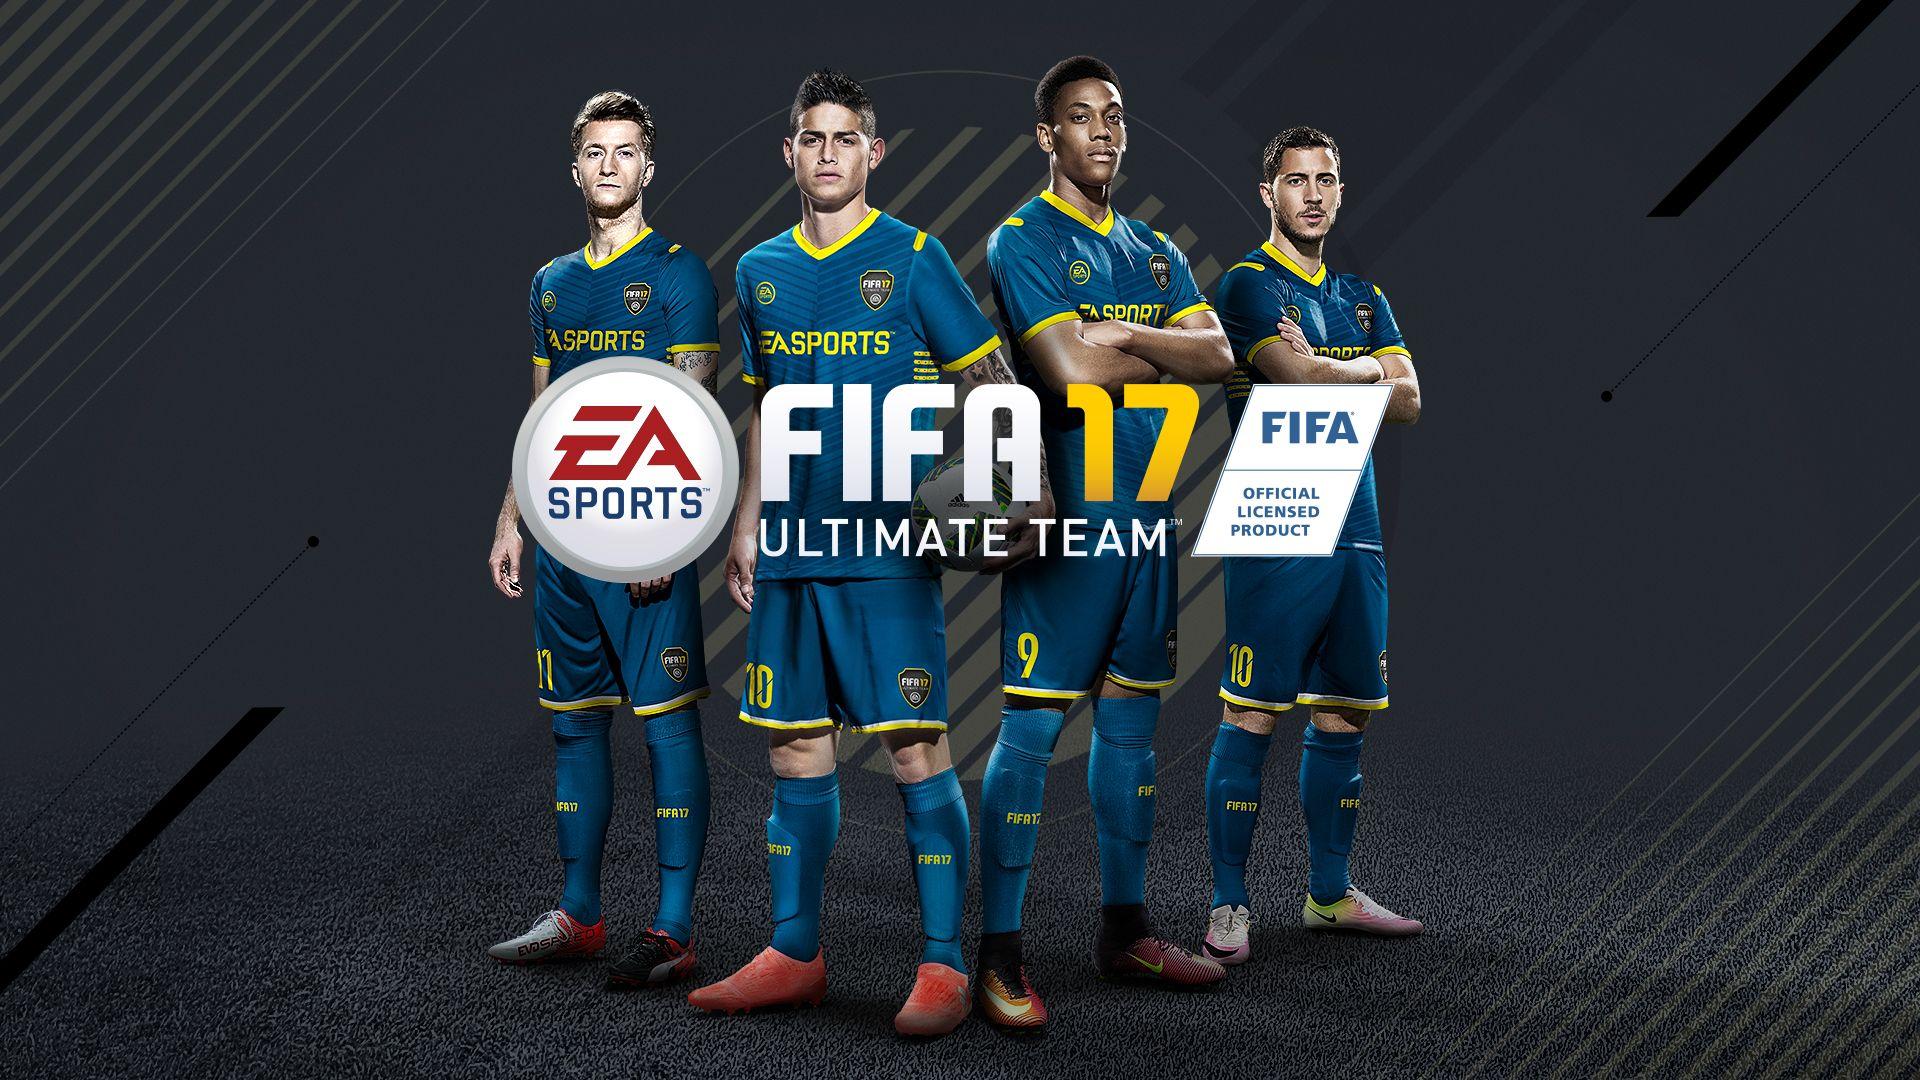 fifa17 game es